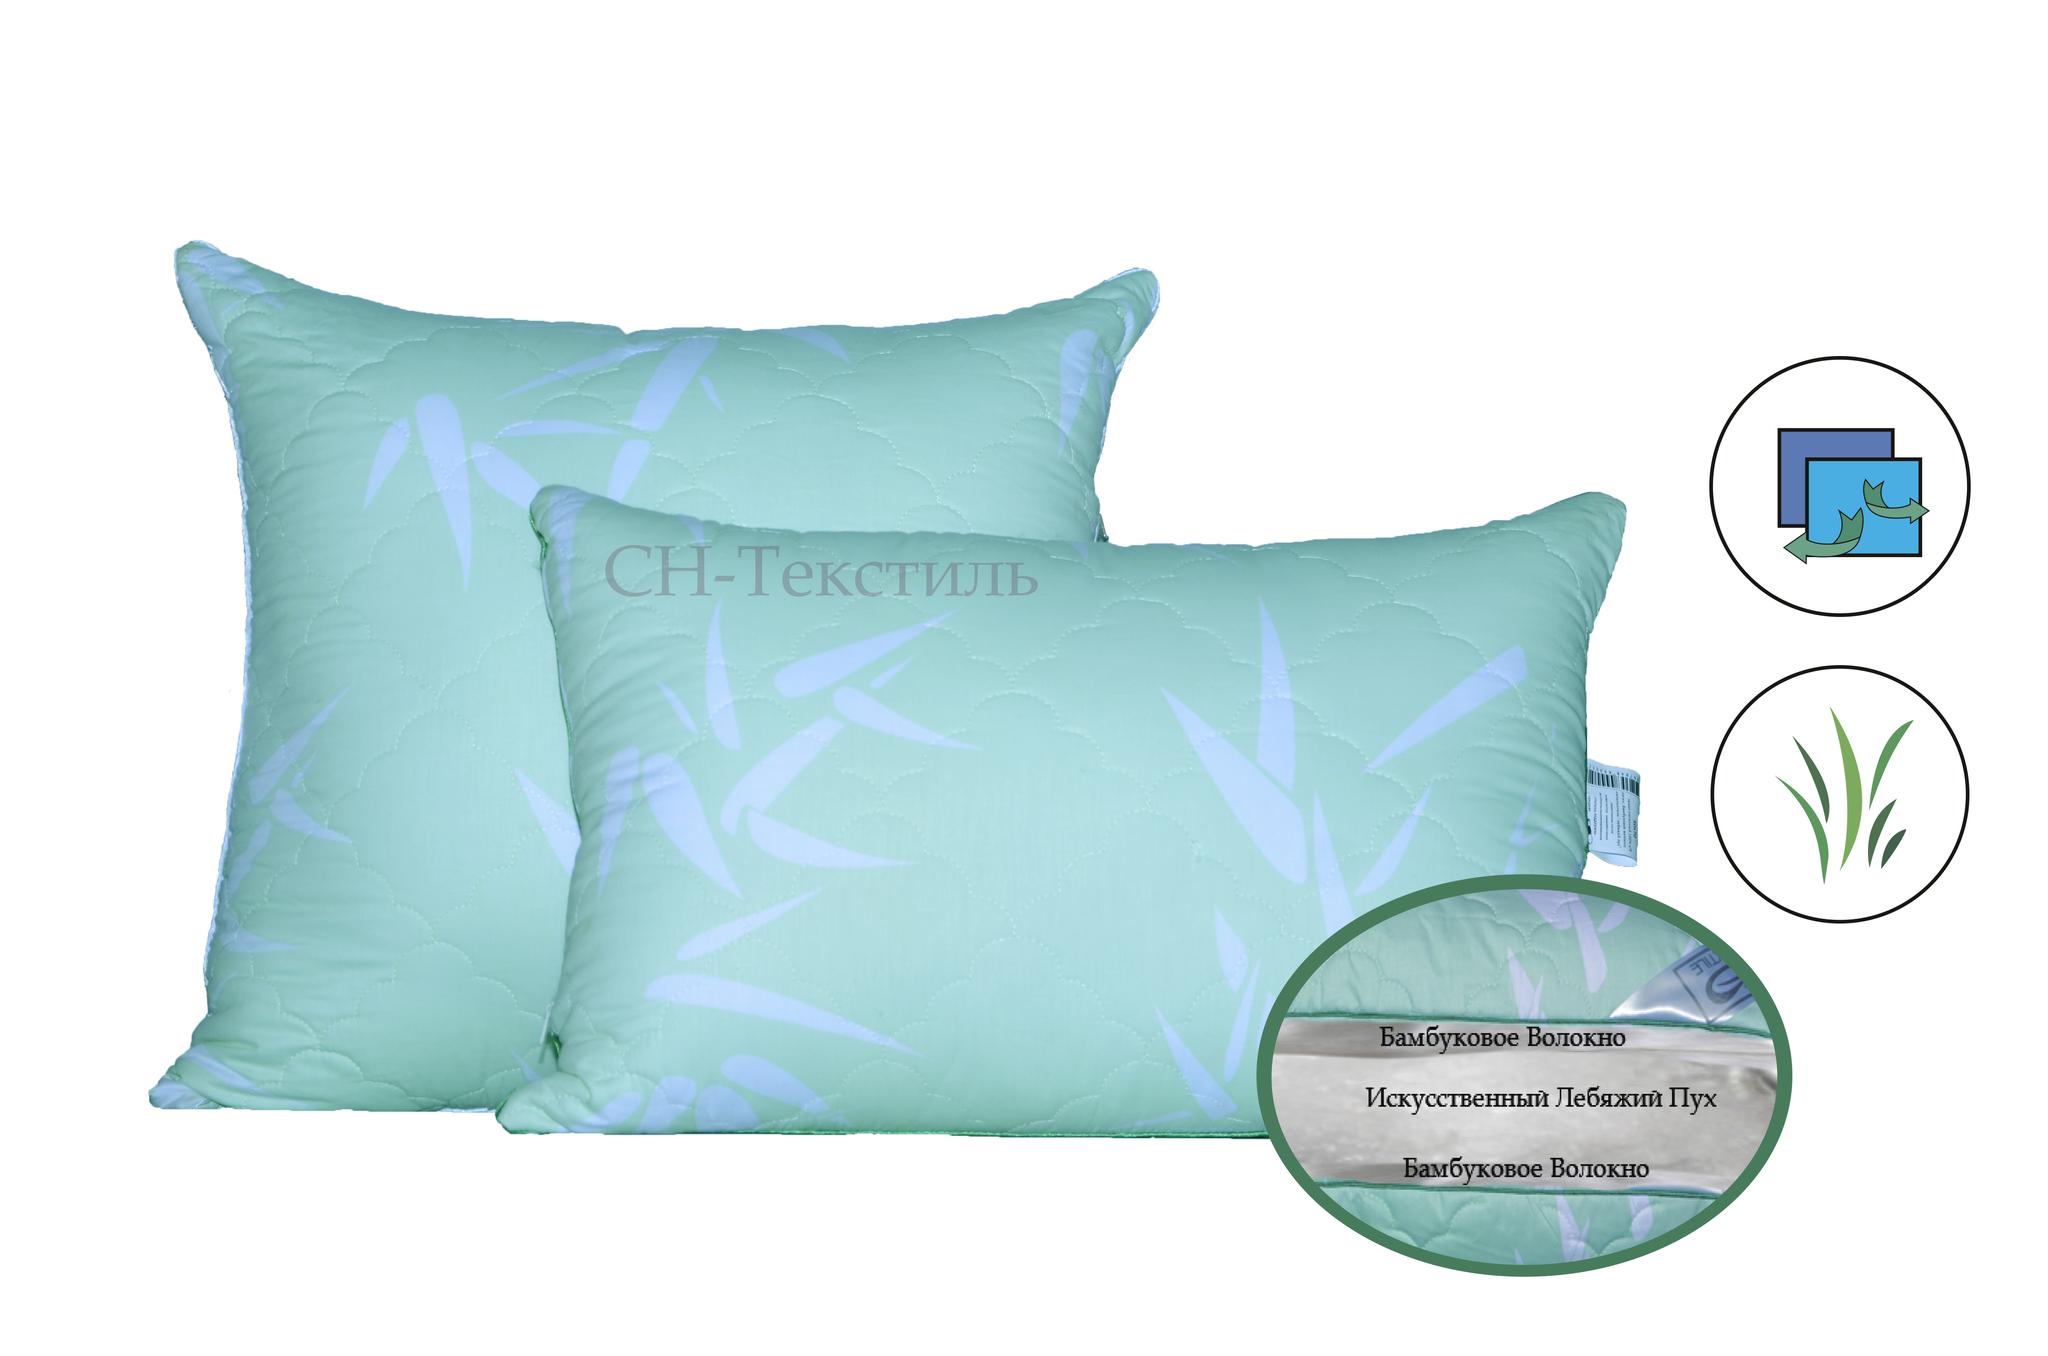 Одеяла и Подушки Подушка бамбуковая  в хлопке. бамбук_в_сатине_подушки.jpg